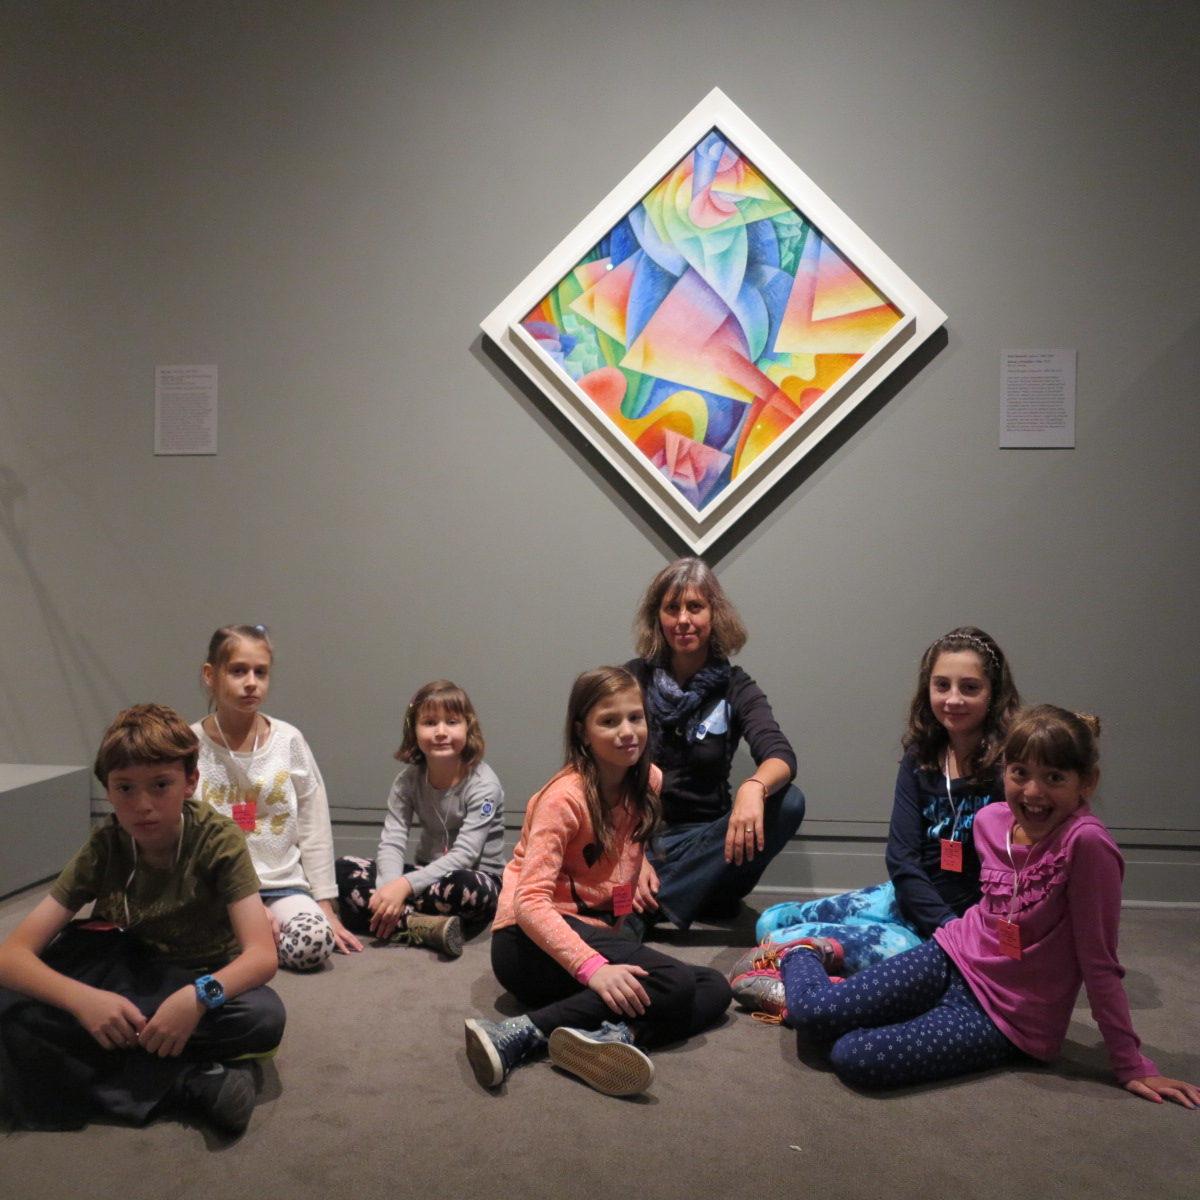 У истоков современного искусства. Тур для детей. Музей Метрополитен